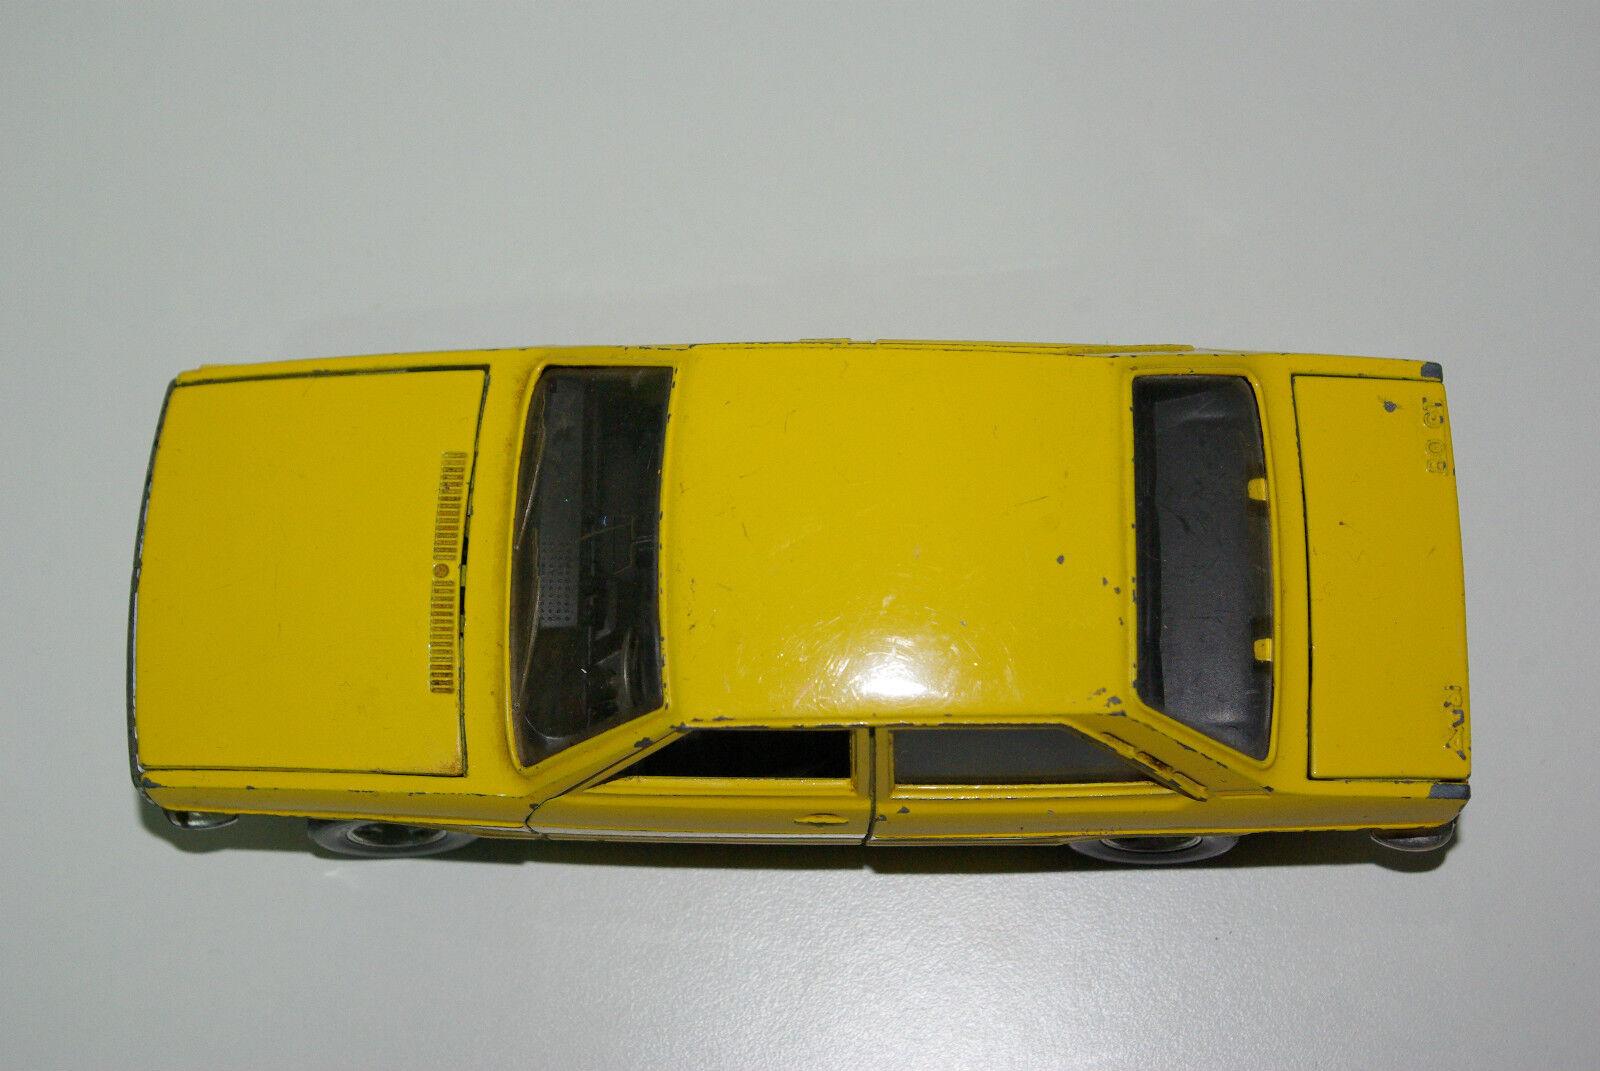 Bburago Burago 106 audi 80gt 80gt 80gt 80 GT amarillo excellent condition rare rara vez raro b7bbb9